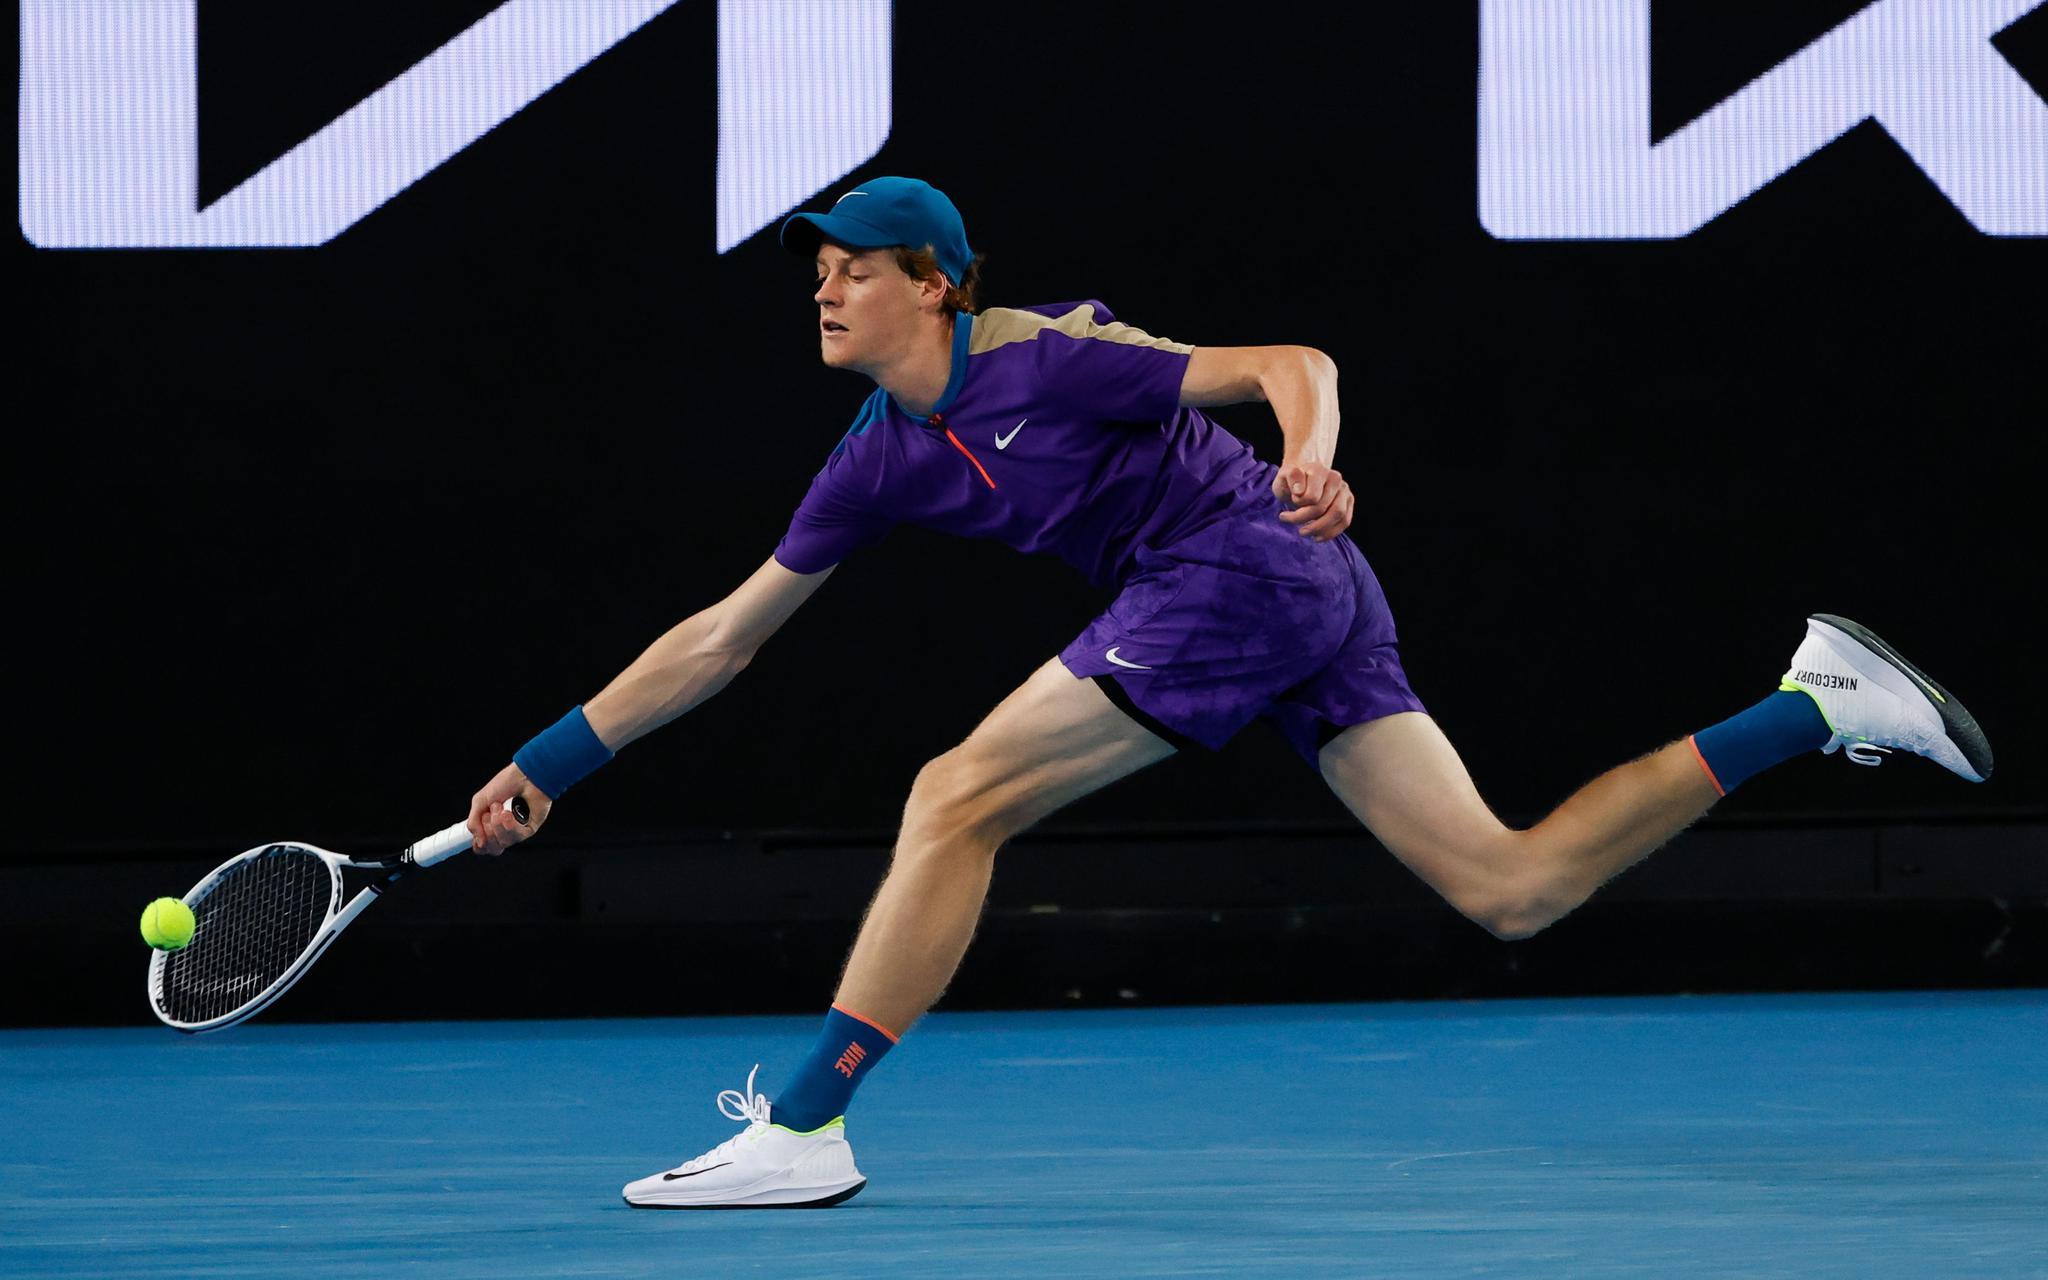 澳网青春对决辛纳憾负,最大收获是与纳豆合练